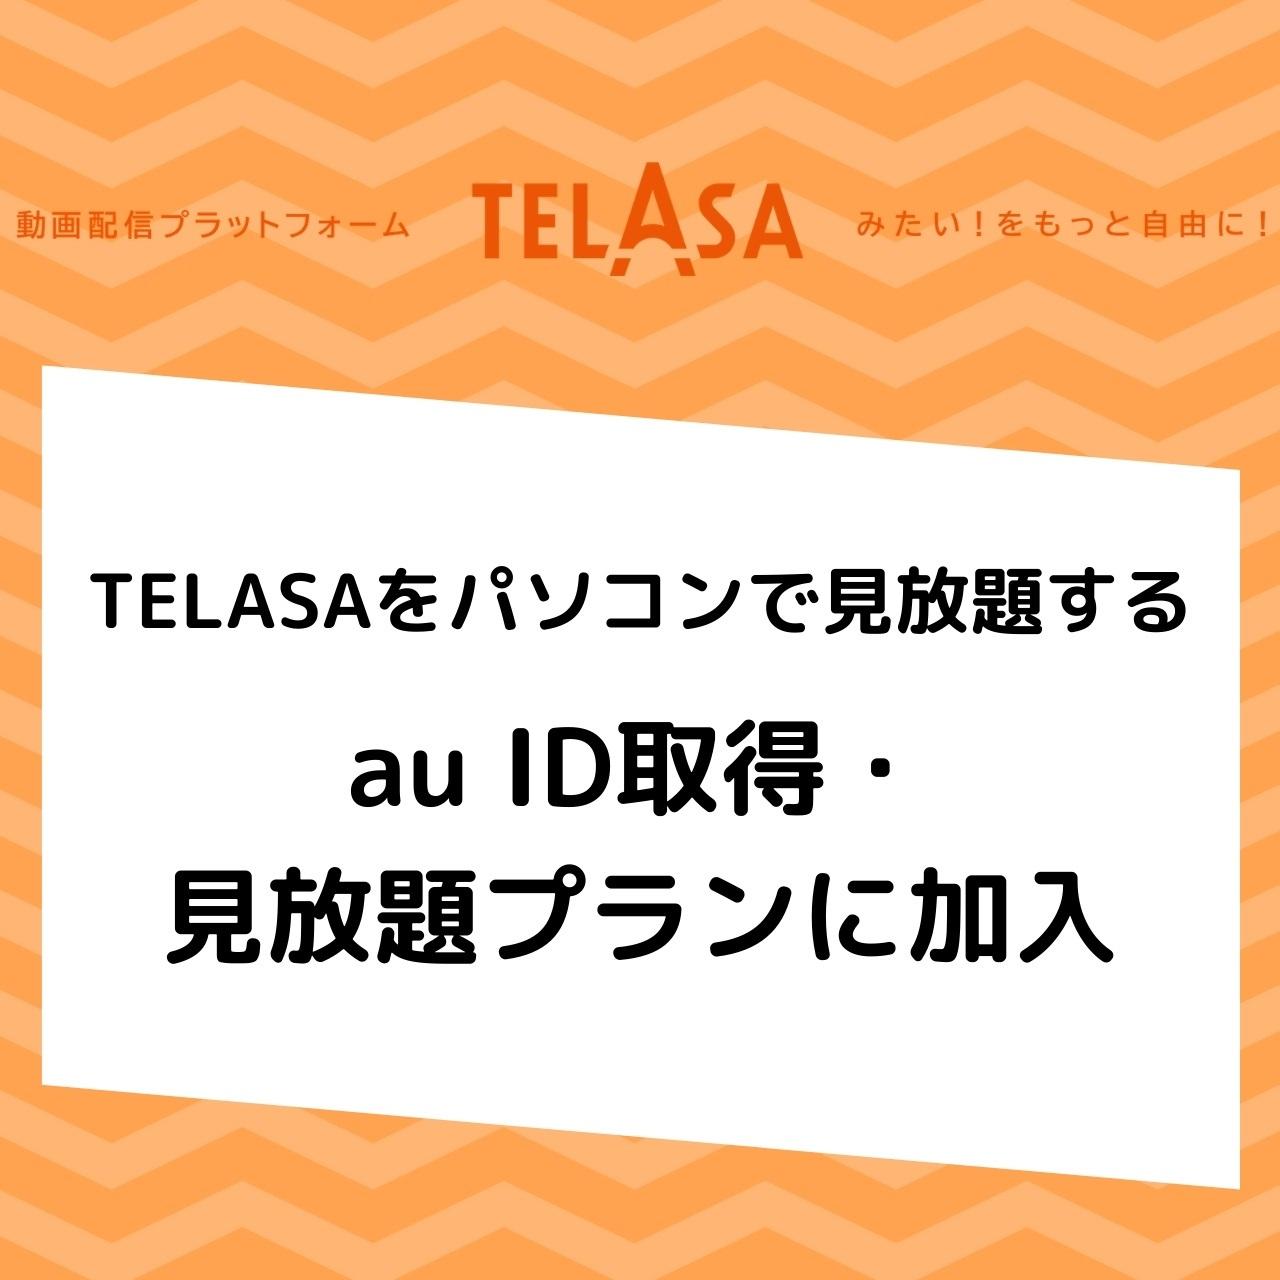 TELASAをパソコンで見放題する|au ID取得・見放題プランに加入